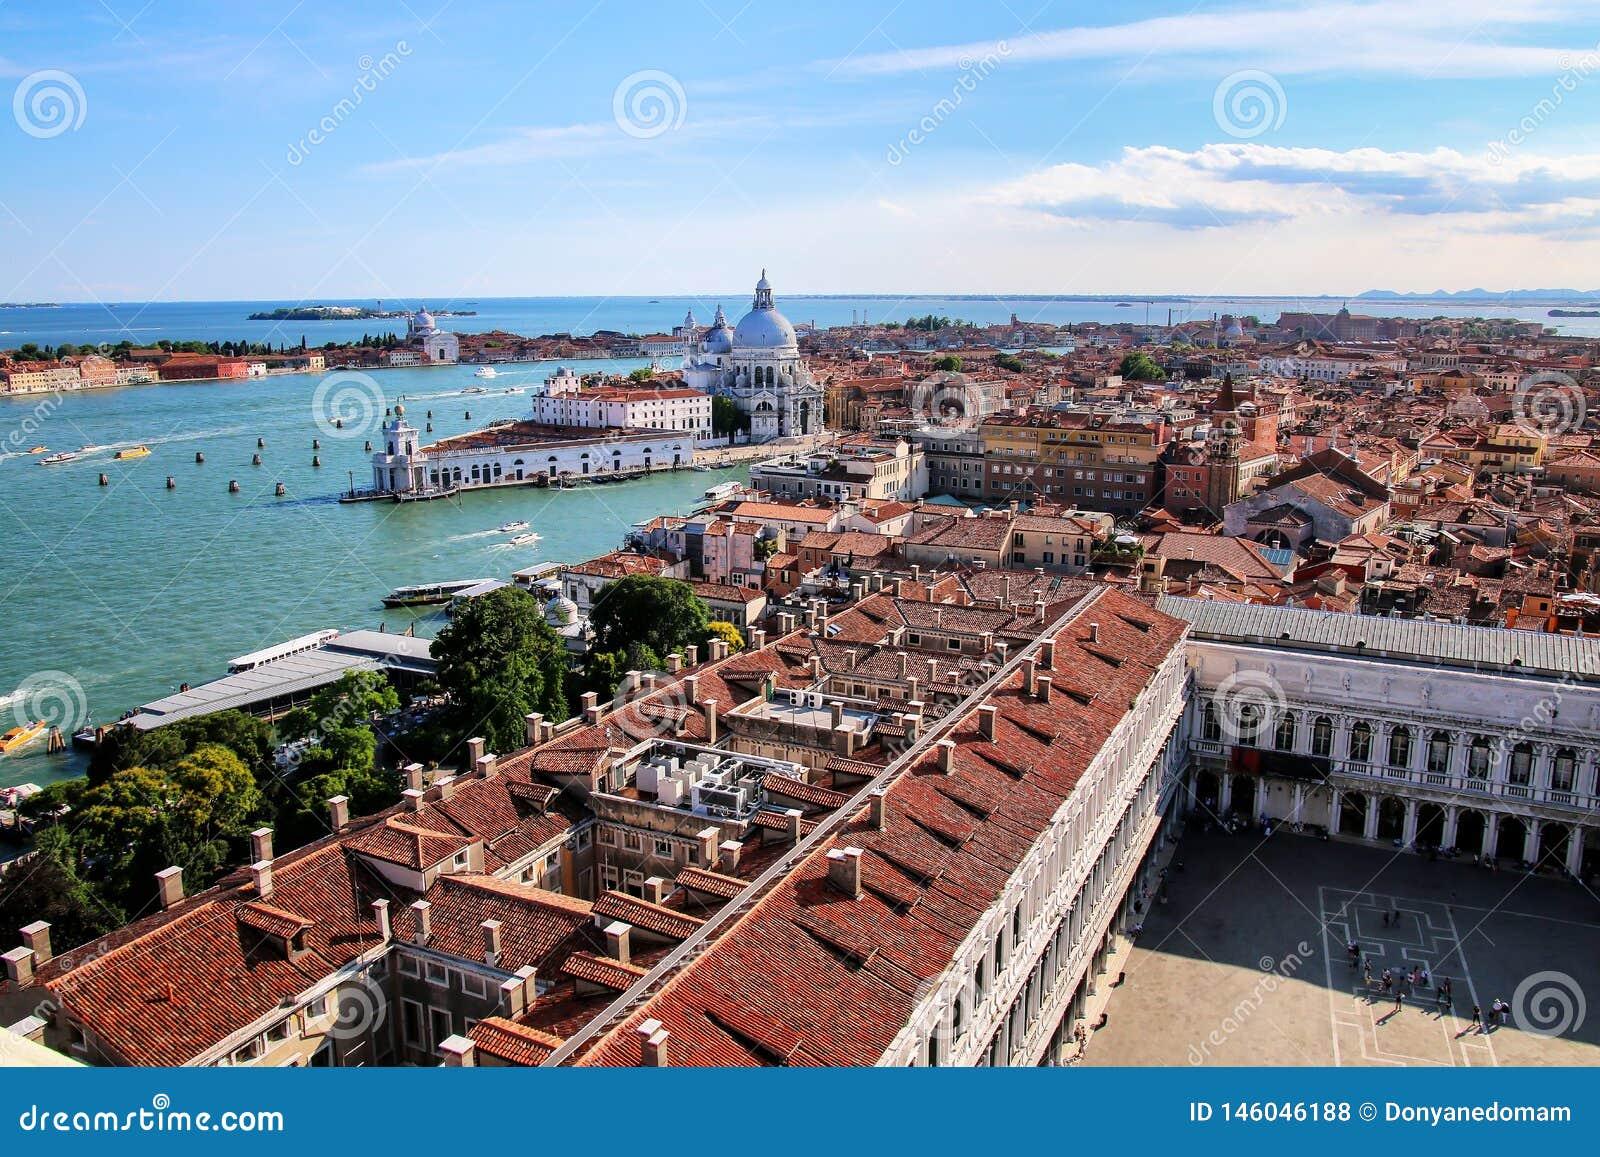 圣马可广场和大教堂二安康圣母圣殿看法在威尼斯,意大利